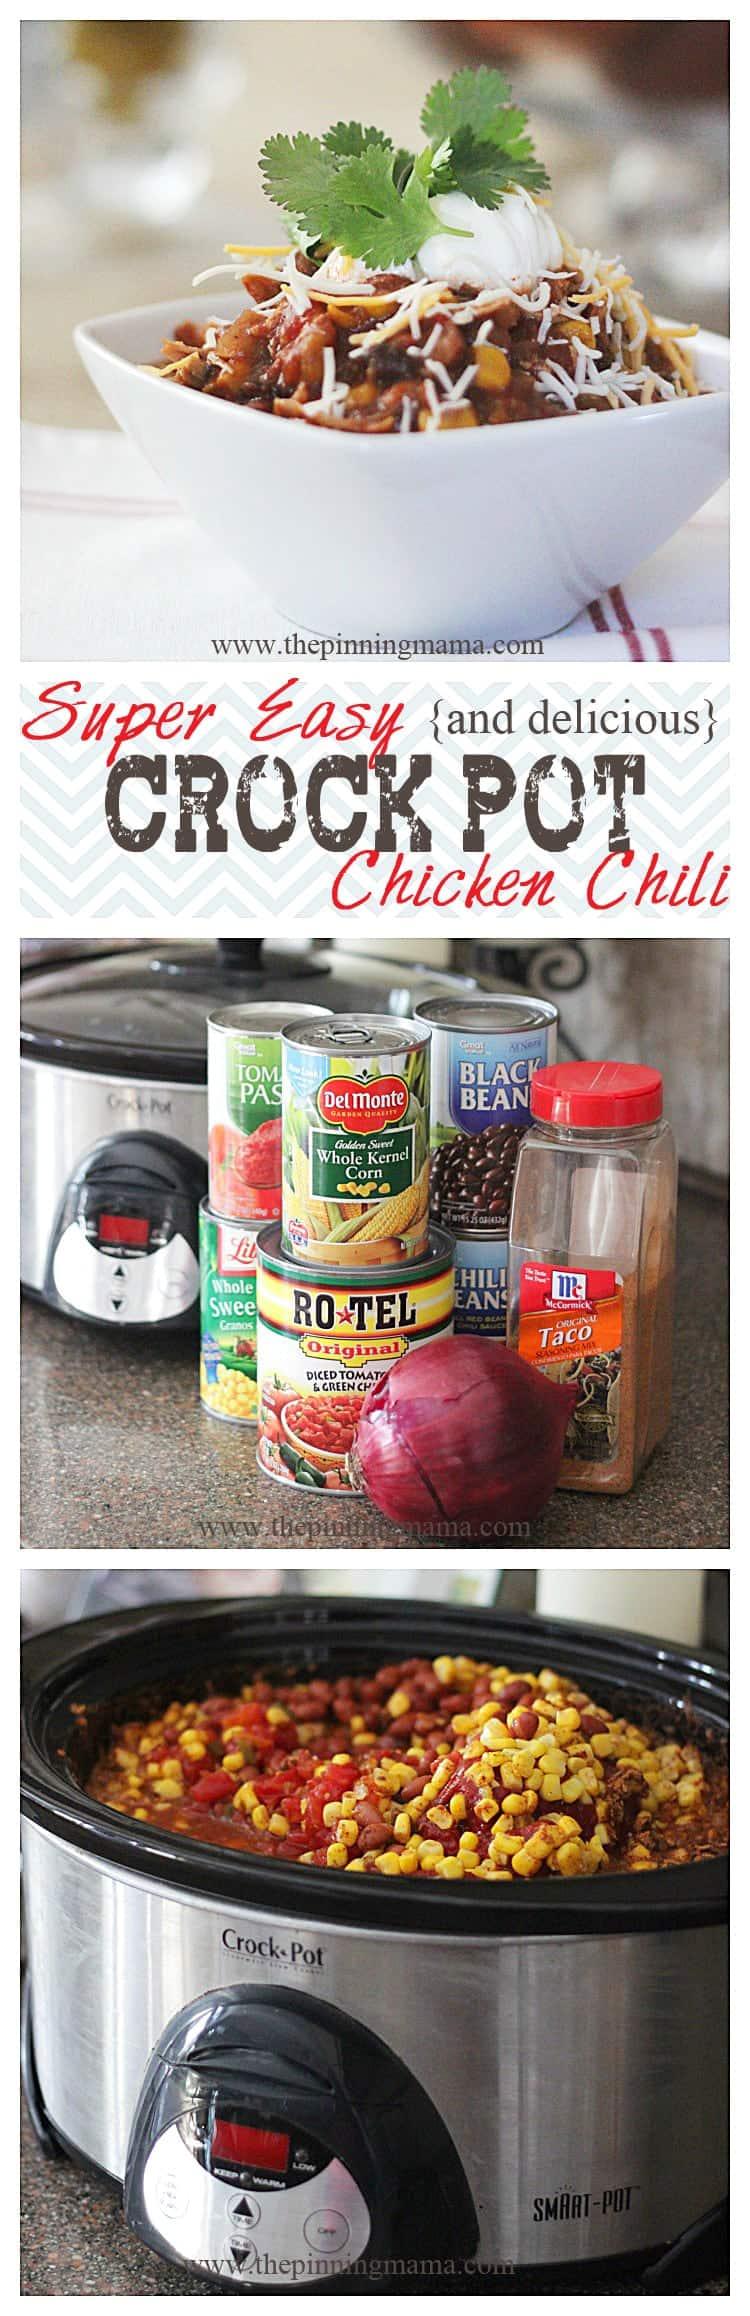 Easy {and delicious} Crock Pot Chicken Chili - click for recipe